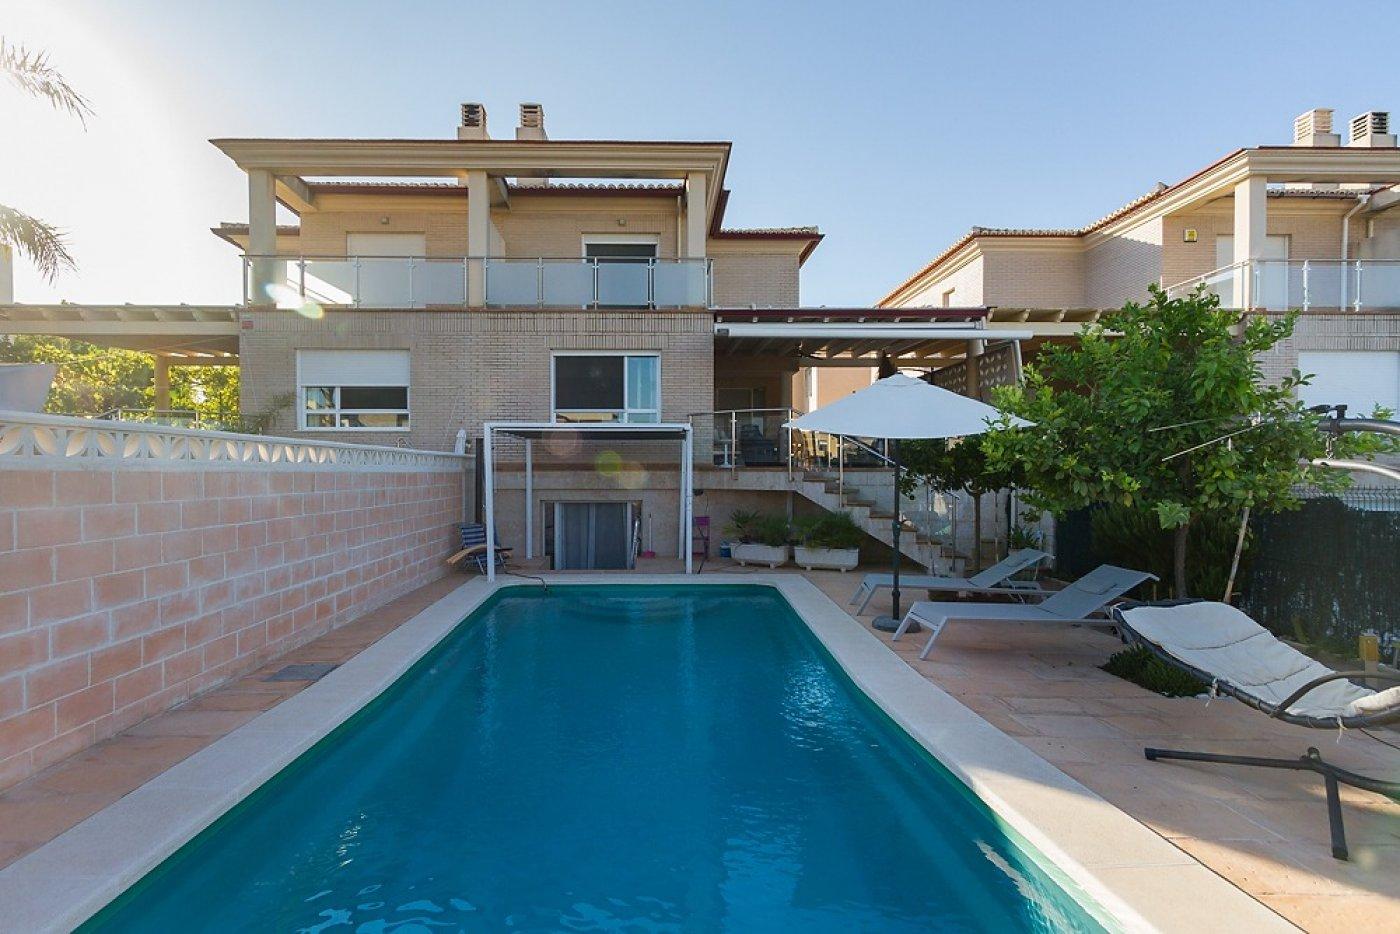 Fantástica casa de lujo en gandía con piscina, terraza y vivienda de inivtados. - imagenInmueble3